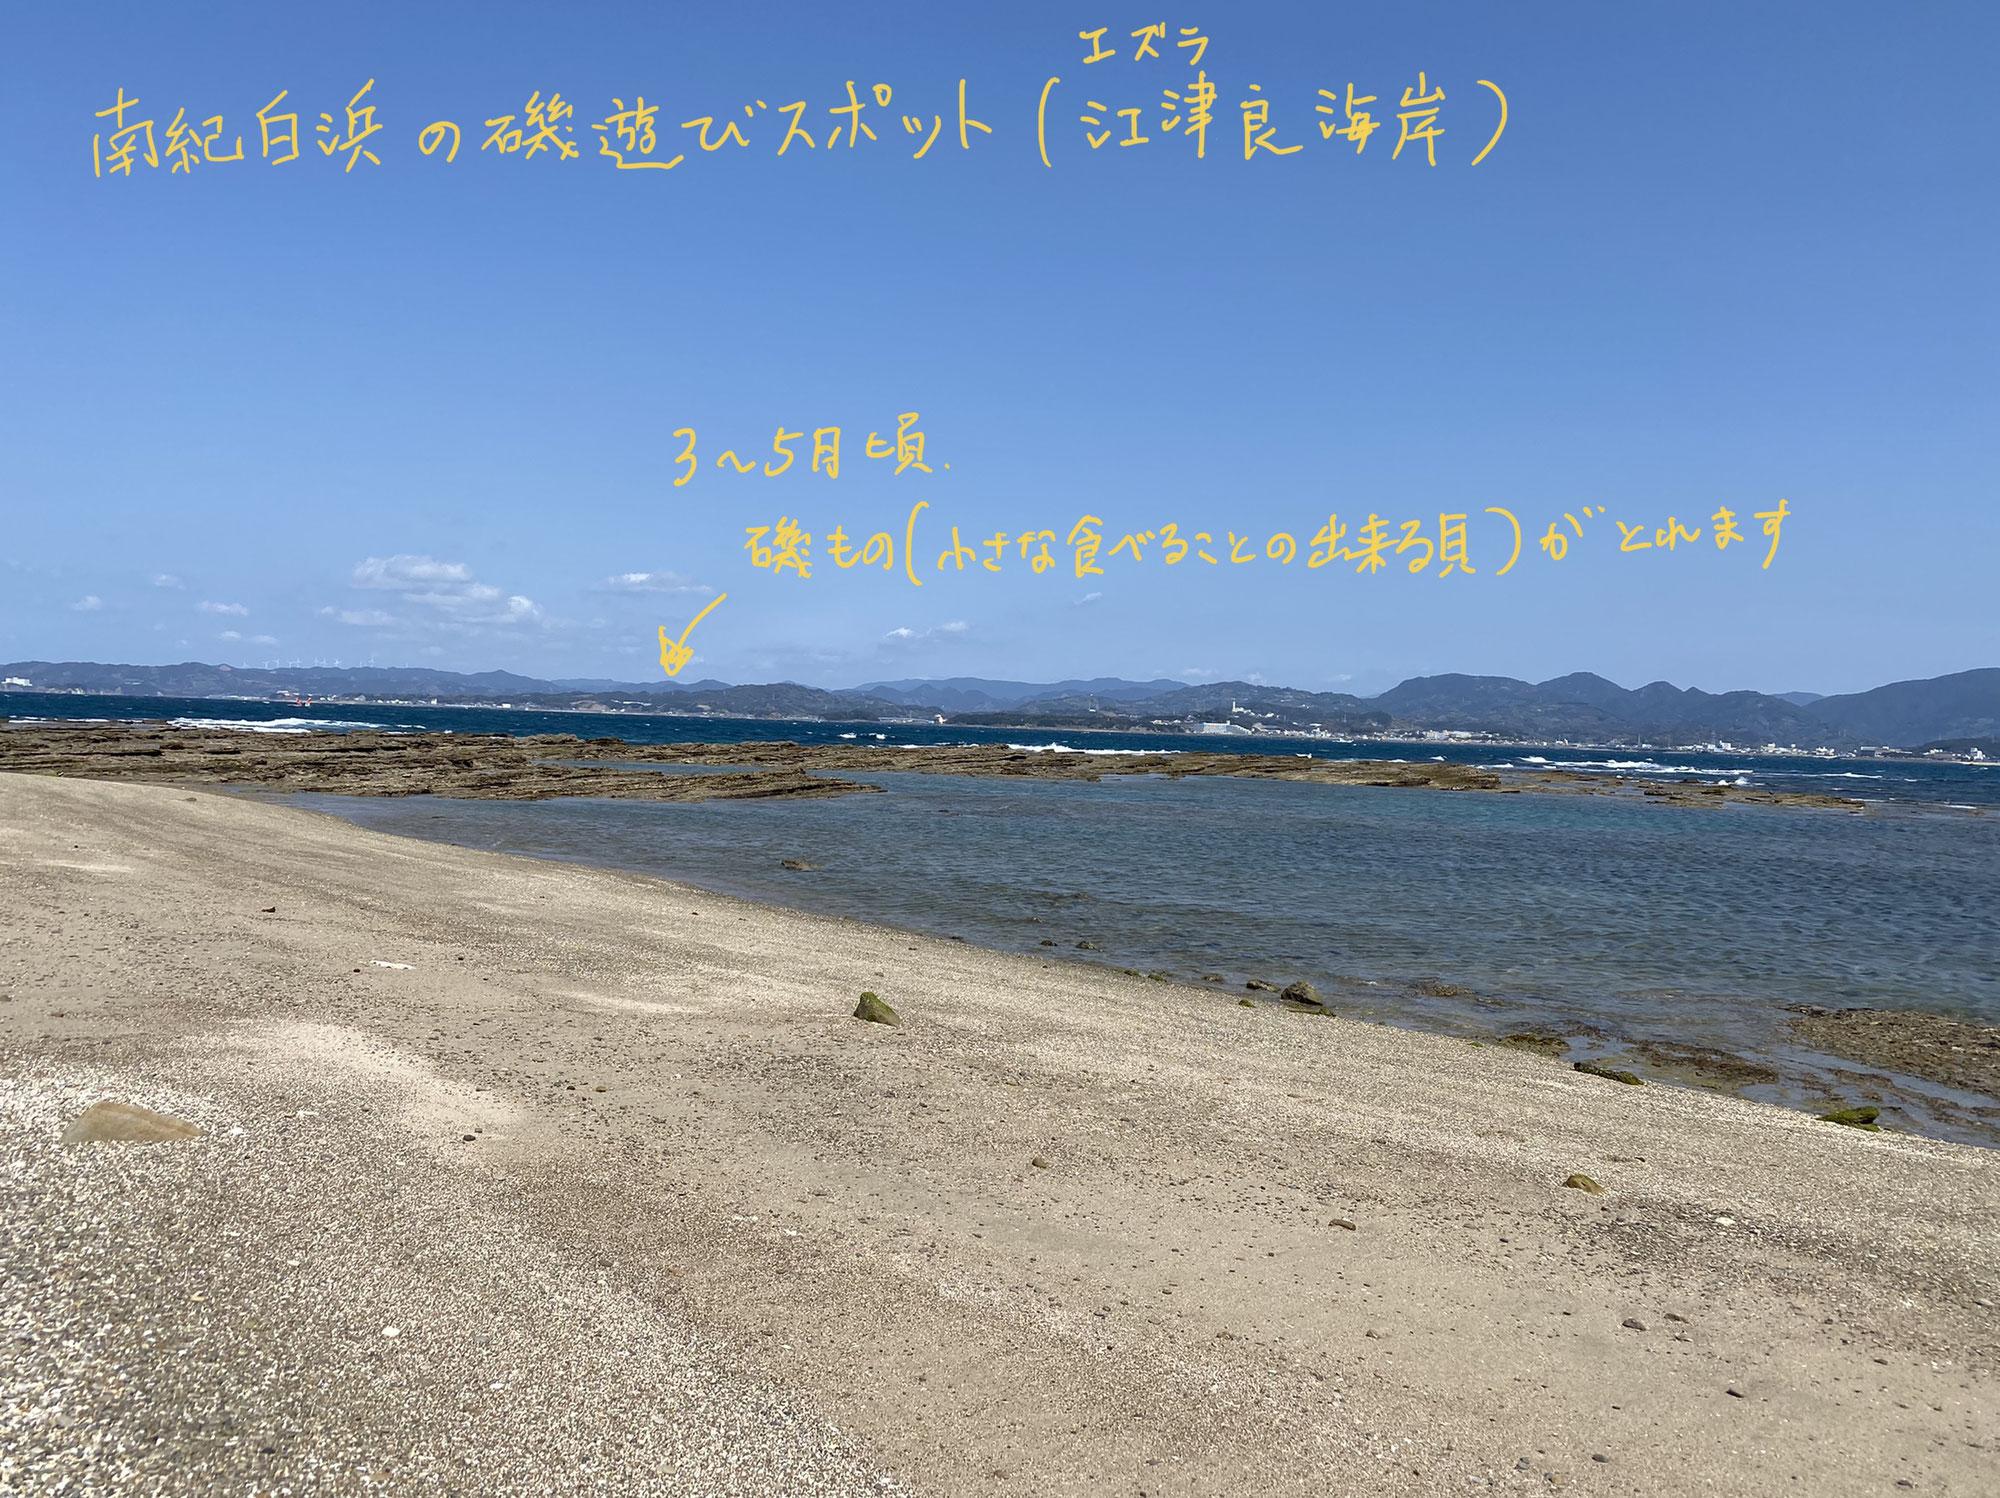 (地域情報)紀南春の磯遊びスポット(江津良海岸)